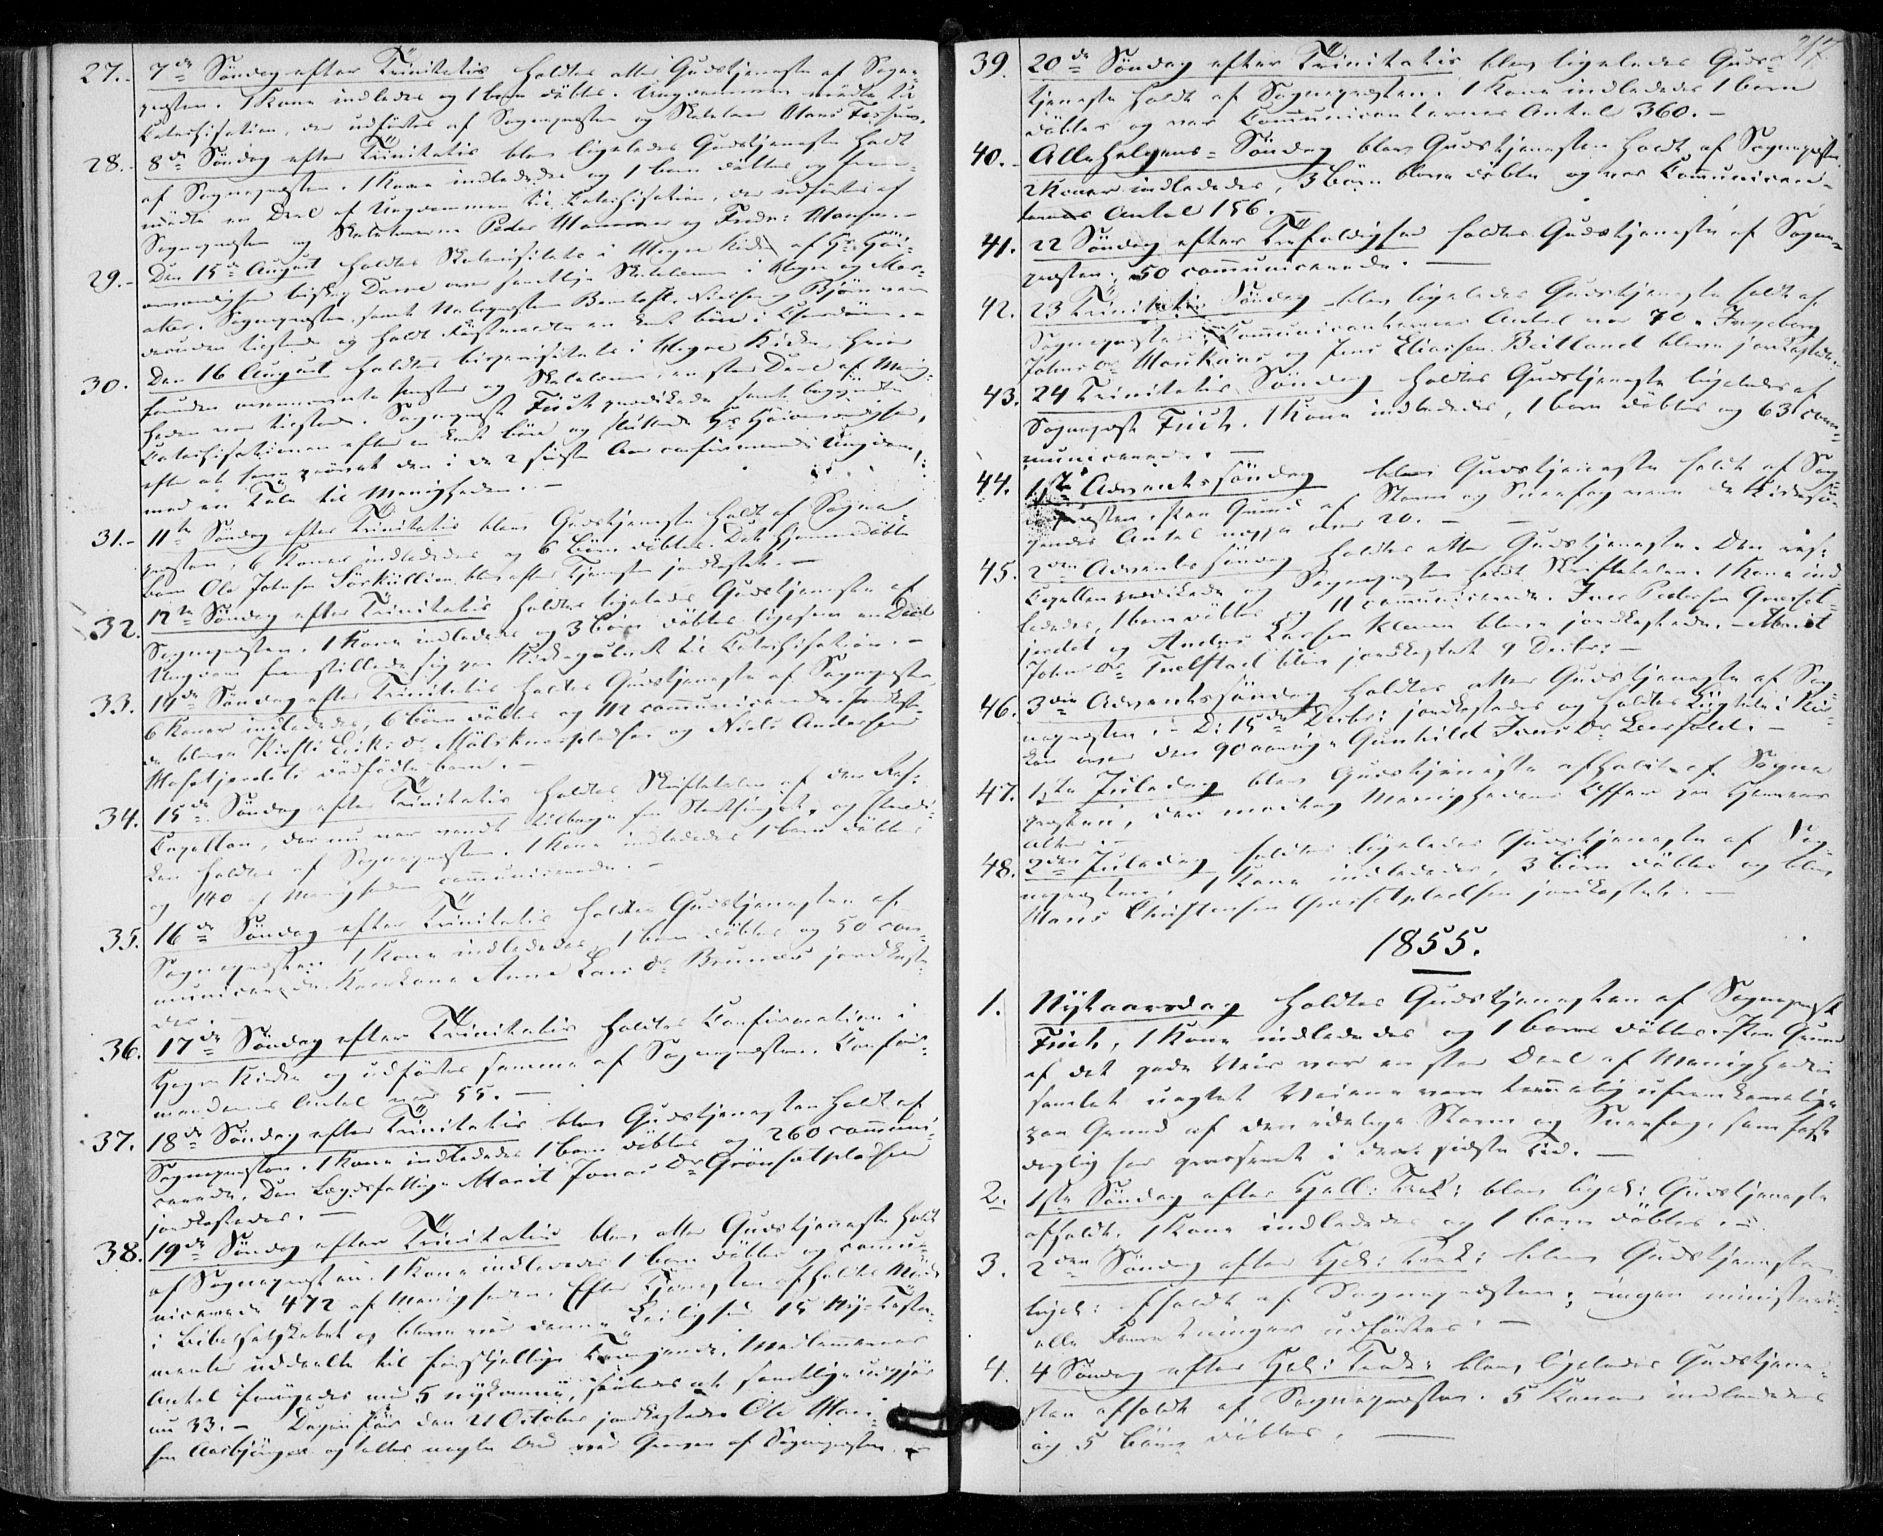 SAT, Ministerialprotokoller, klokkerbøker og fødselsregistre - Nord-Trøndelag, 703/L0028: Ministerialbok nr. 703A01, 1850-1862, s. 217